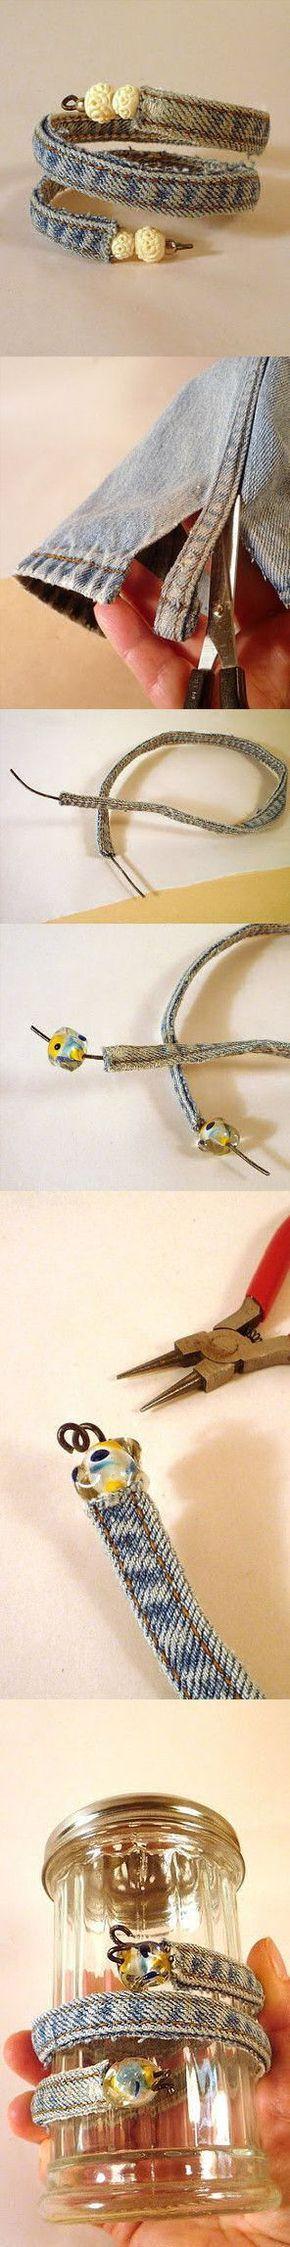 DIY Idea bracelet